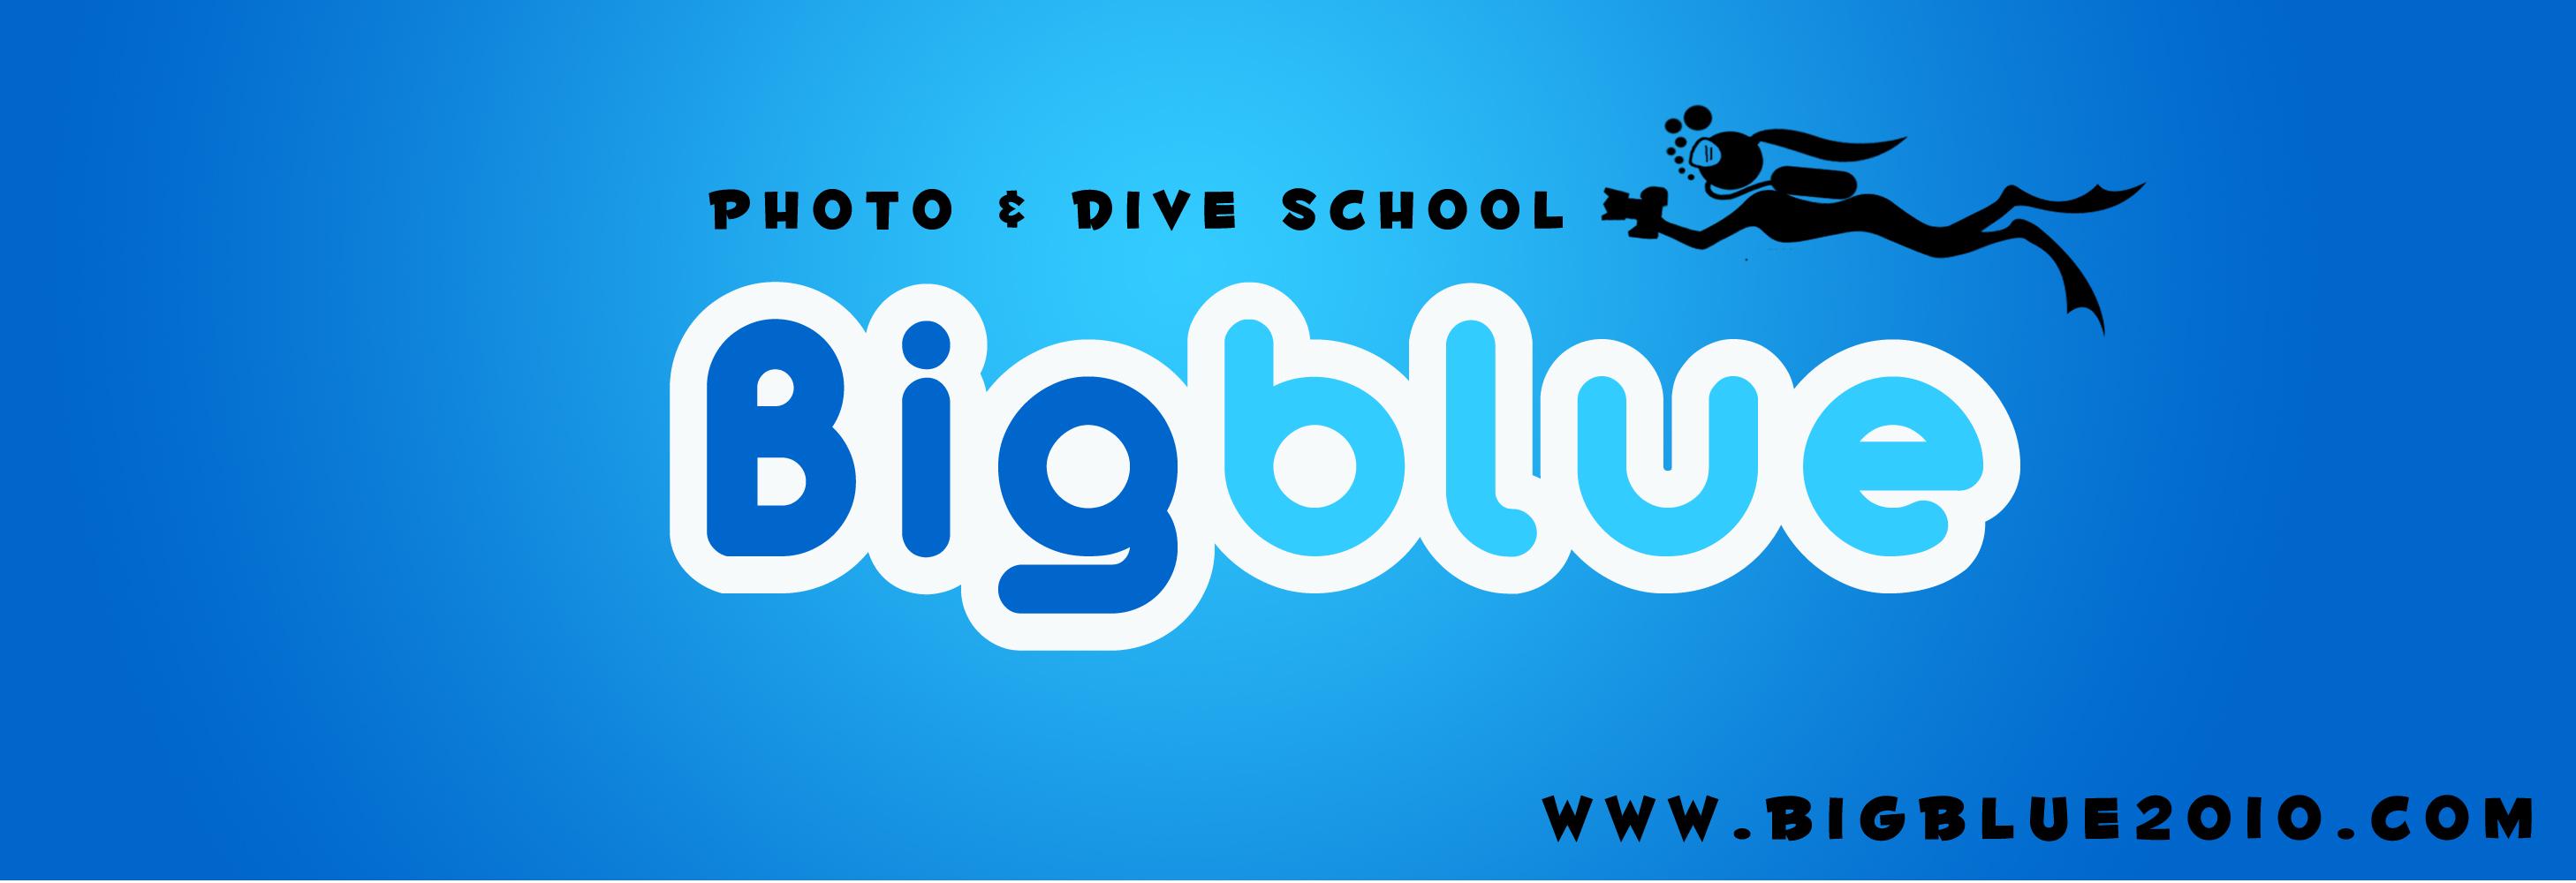 bigblue.JPG